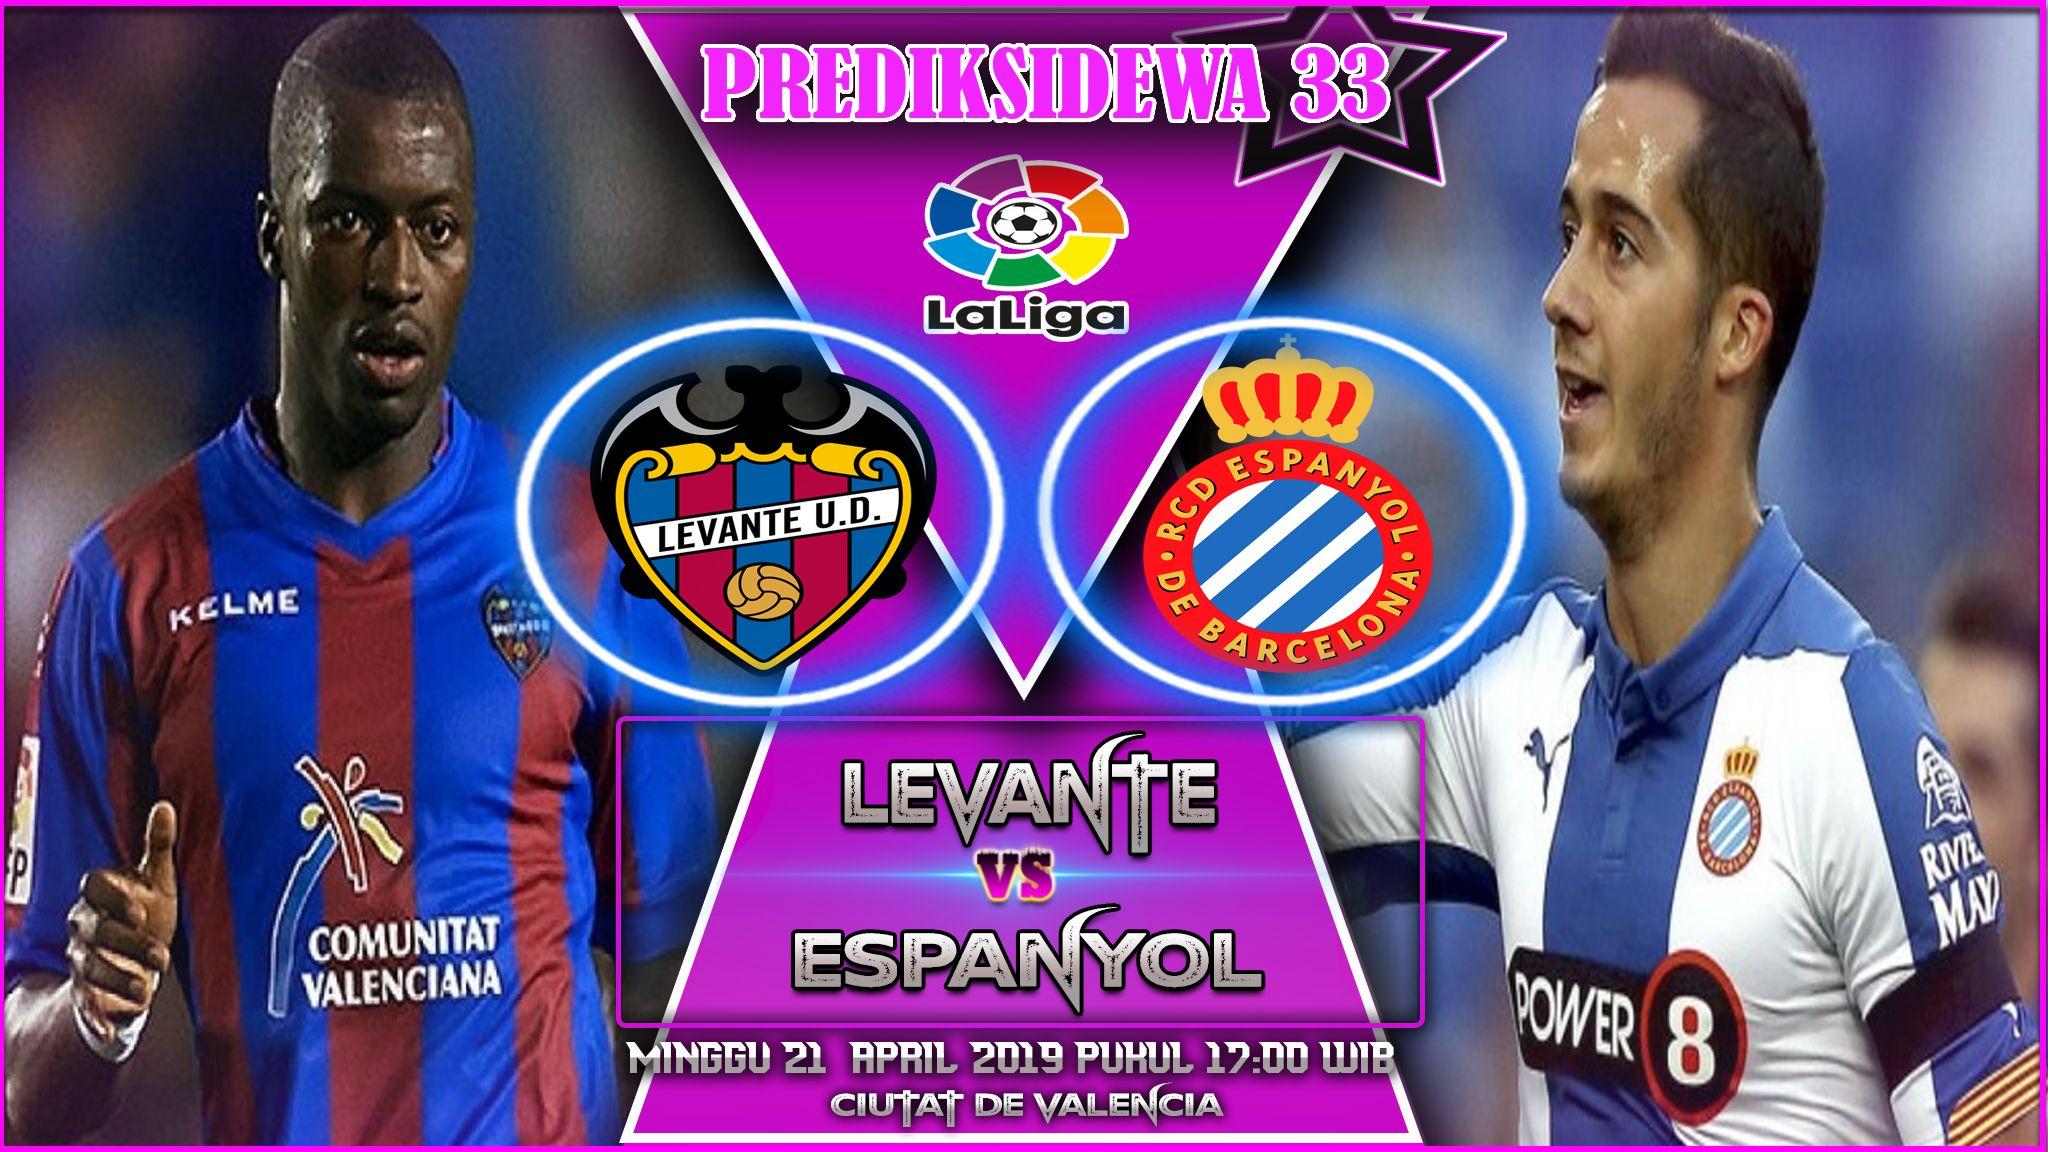 Prediksi Levante vs Espanyol 21 April 2019 Sevilla